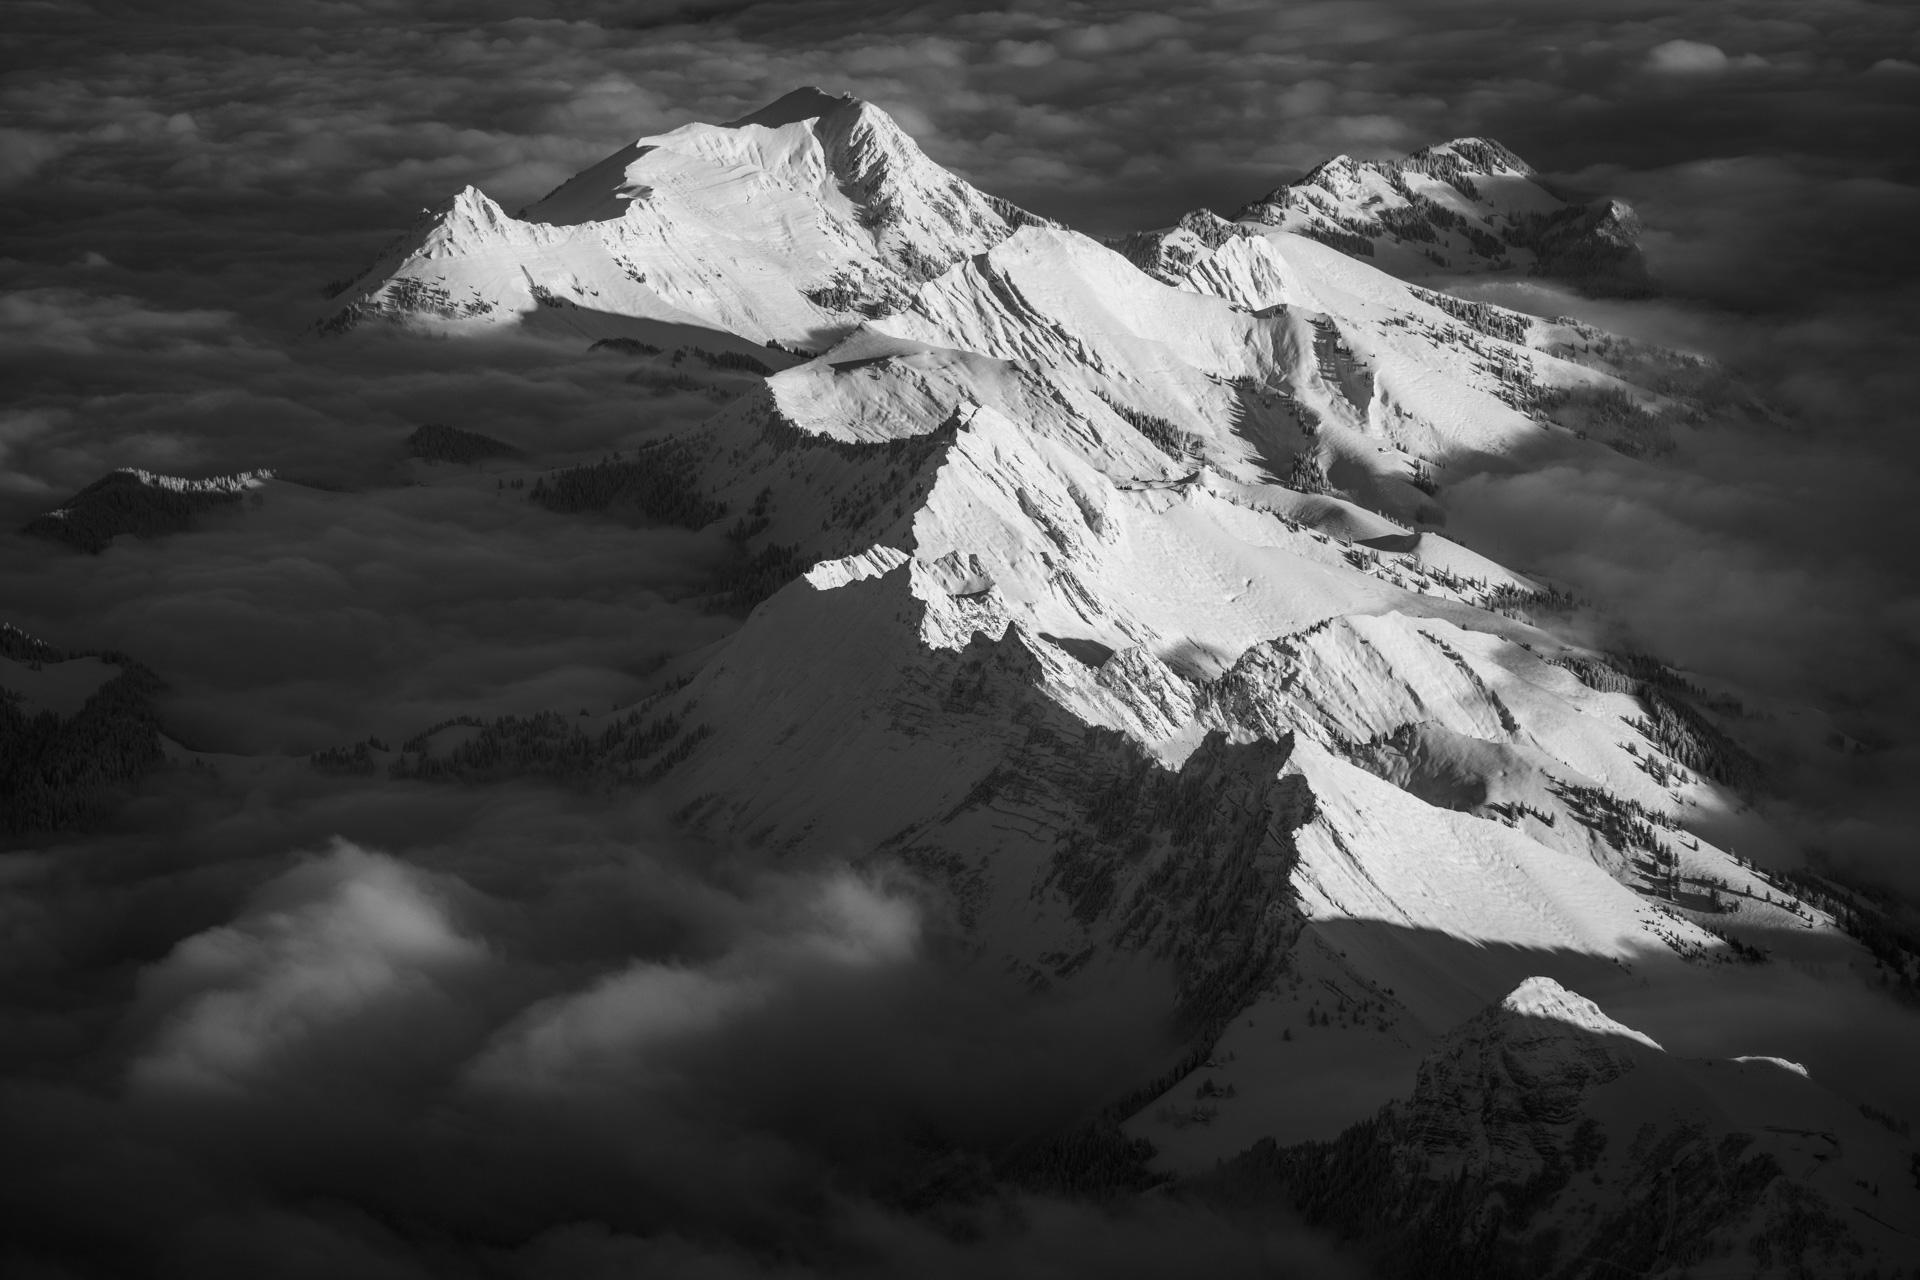 Photographie de montagne noir et blanc du Moléson - Photo montagne Gruyère - Photo aérienne crête de Vanils Moléson